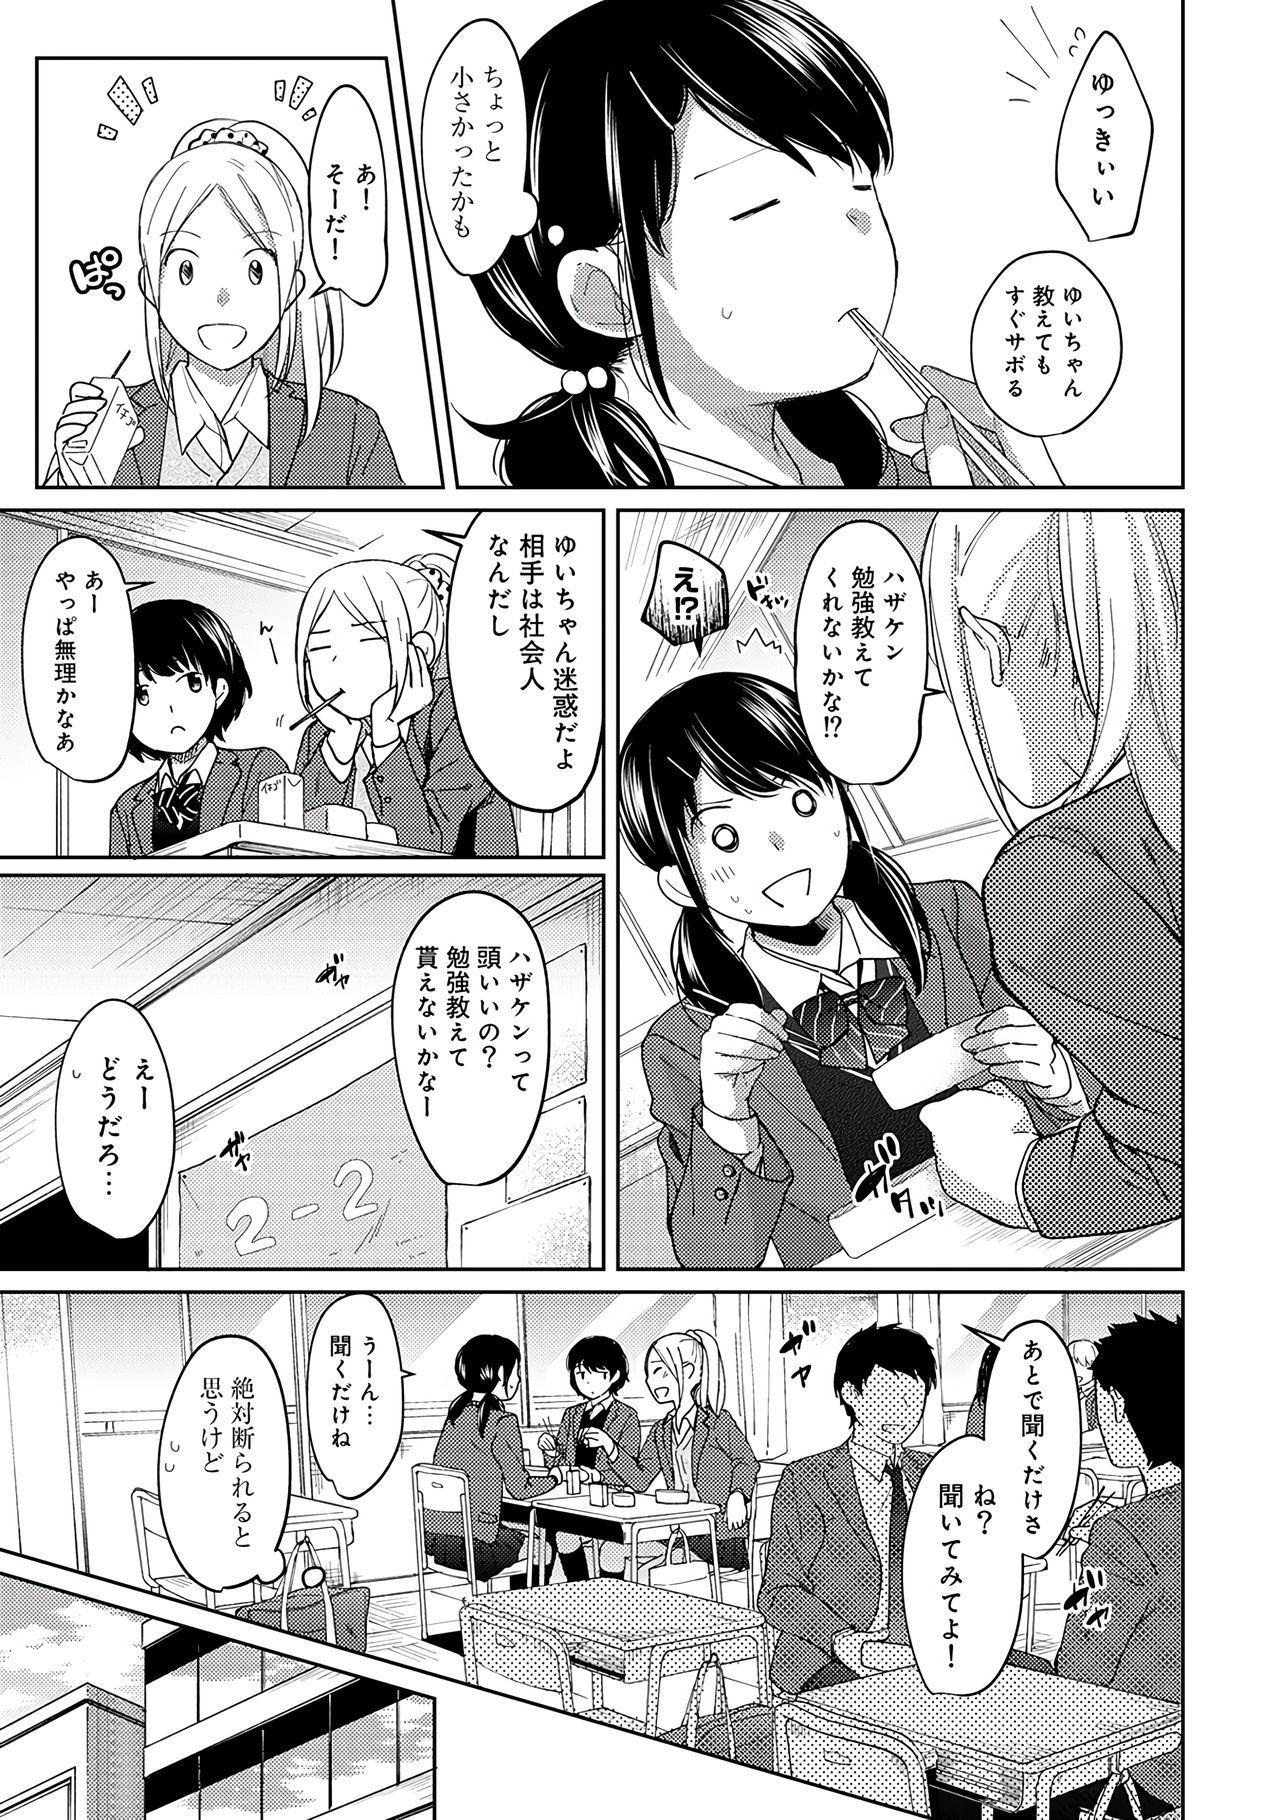 1LDK+JK Ikinari Doukyo? Micchaku!? Hatsu Ecchi!!? Vol.2 54